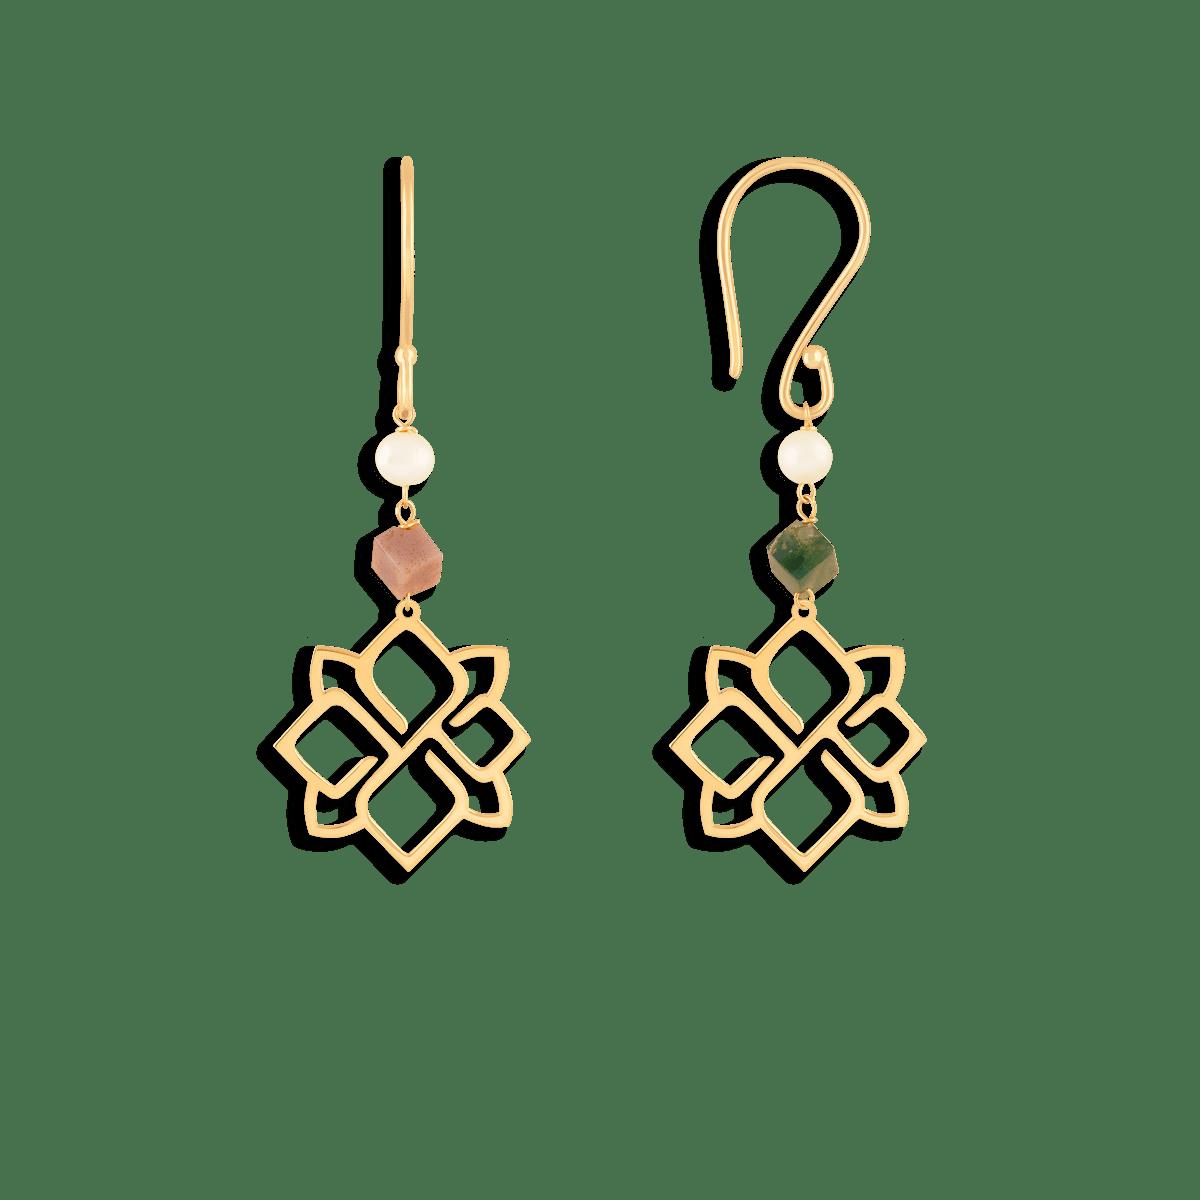 گوشواره طلا اسلیمی